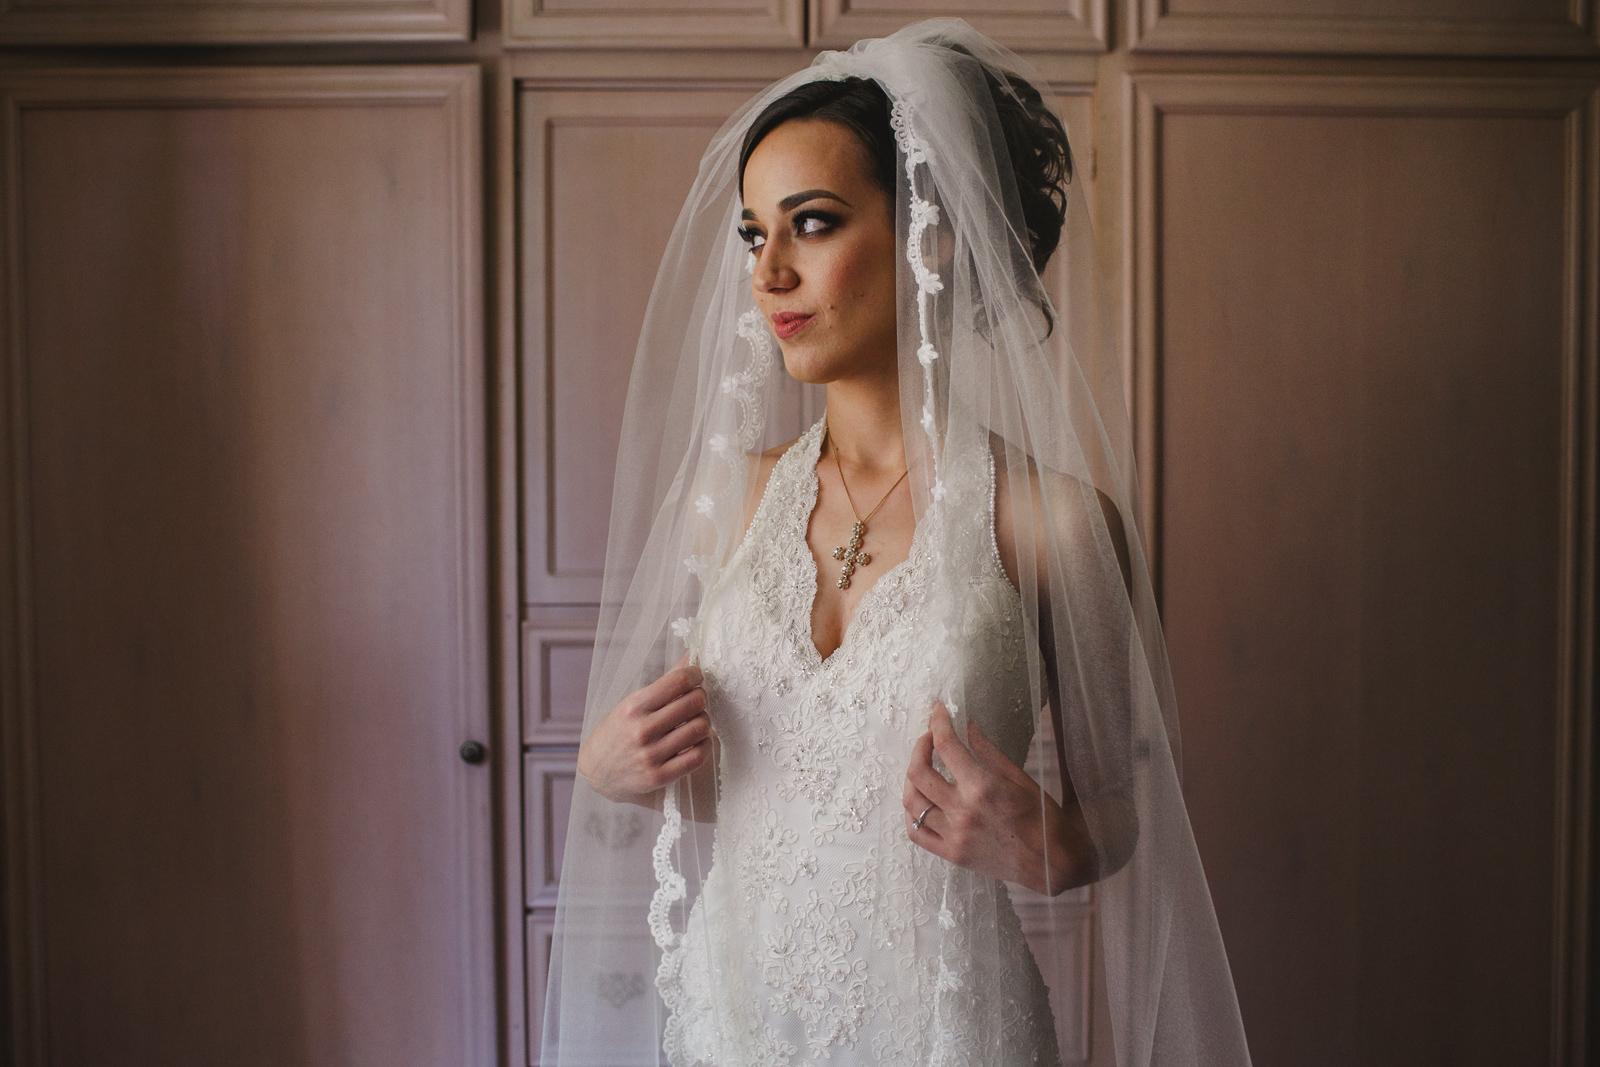 armando-aragon-fotografo-de-bodas-009